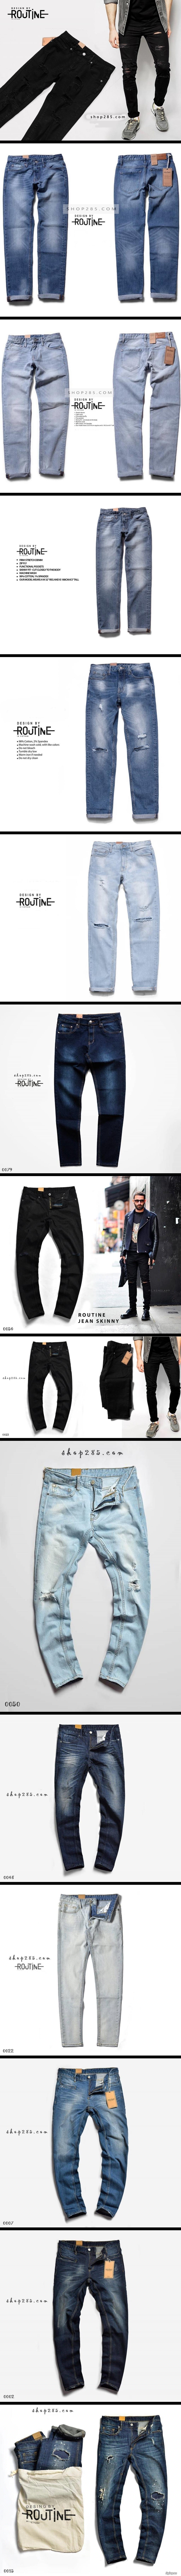 Shop285.com - Shop quần áo thời trang nam VNXK mẫu mới về liên tục ^^ - 22